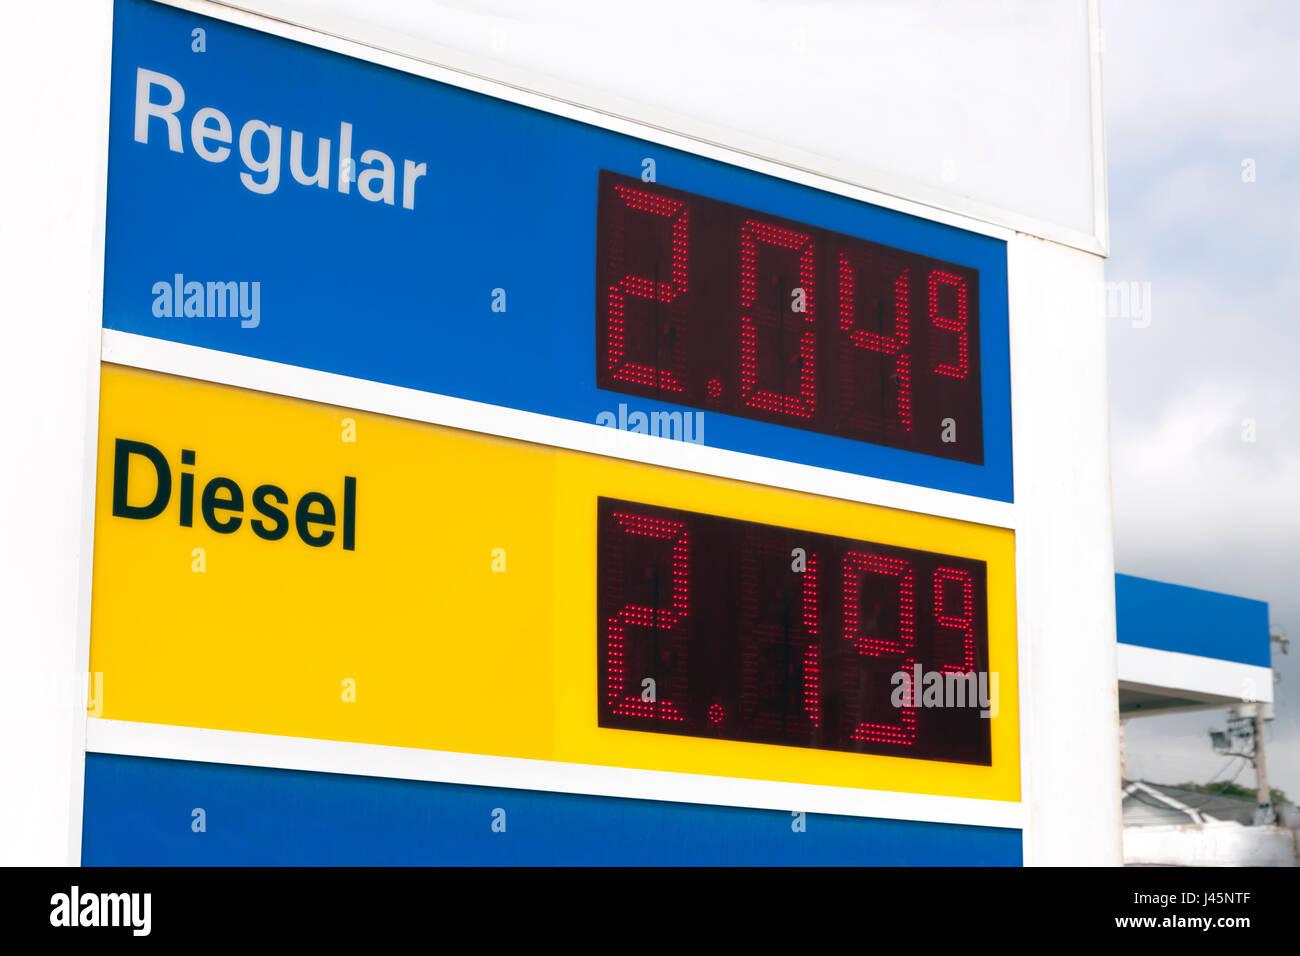 Melden Sie Werbung sehr niedrige Preise an einer Tankstelle. Stockbild